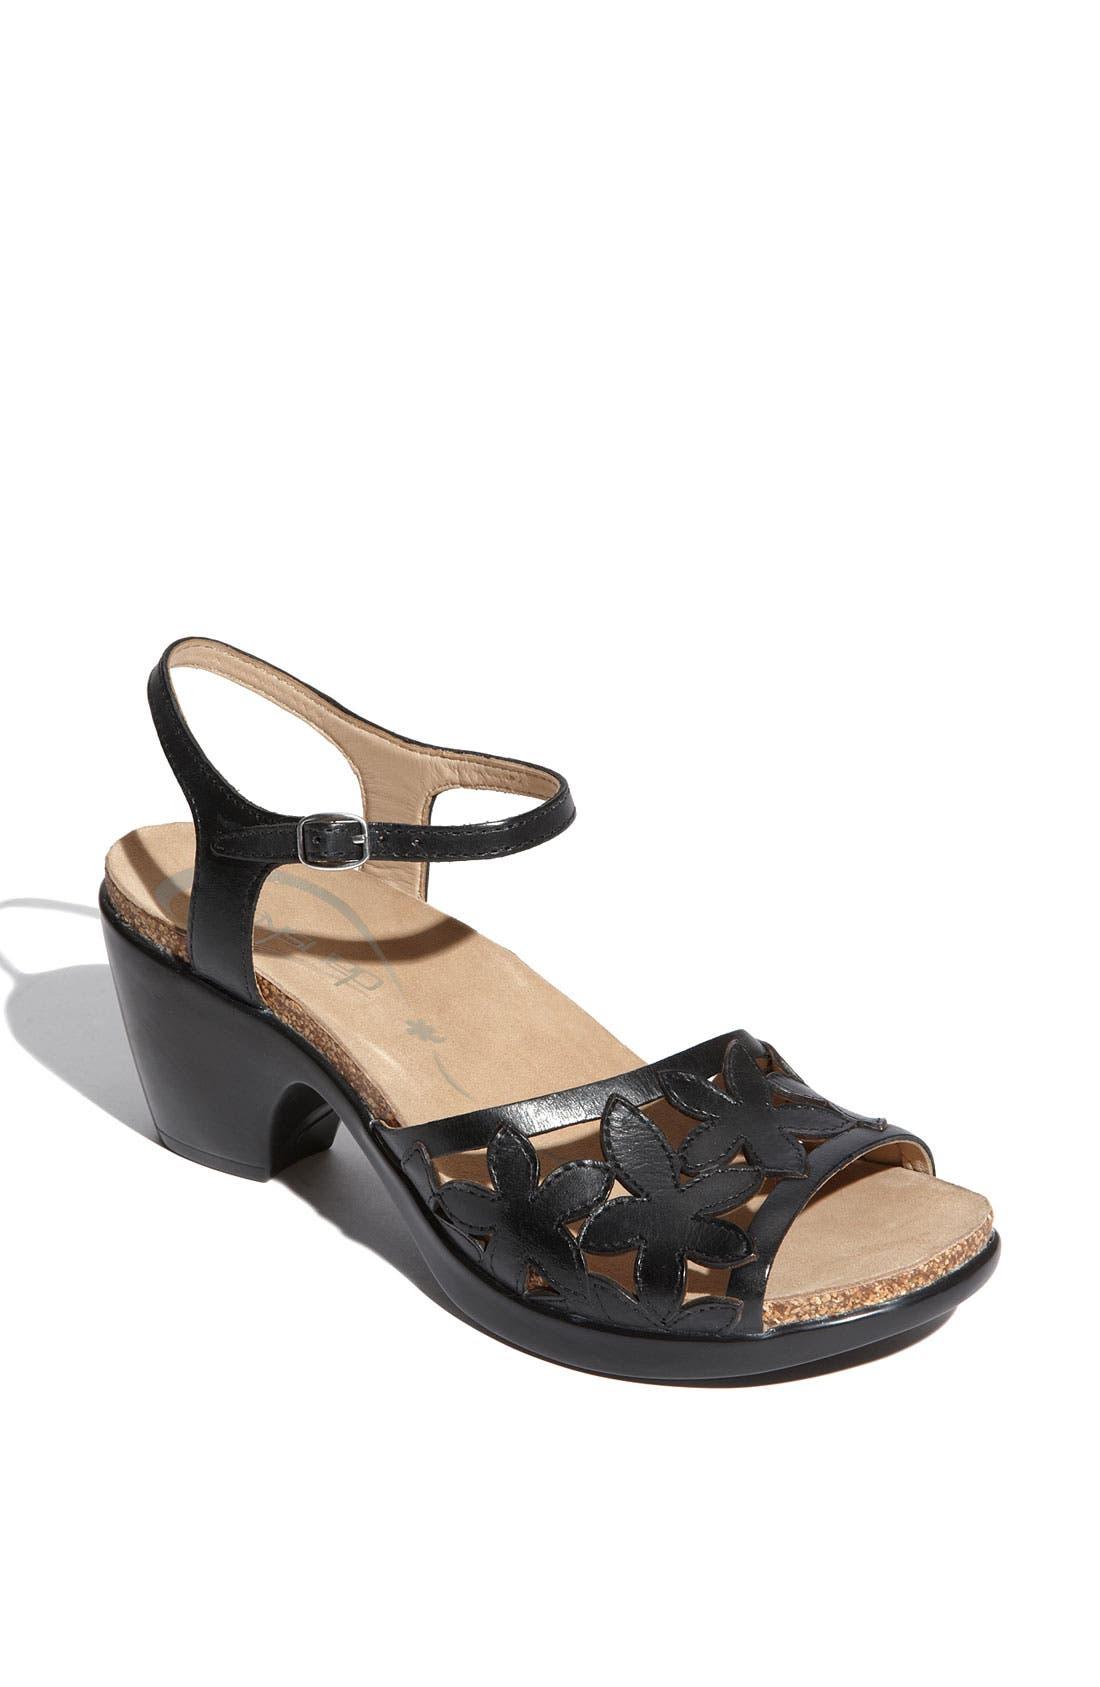 DANSKO,                             'Coquette' Sandal,                             Main thumbnail 1, color,                             001